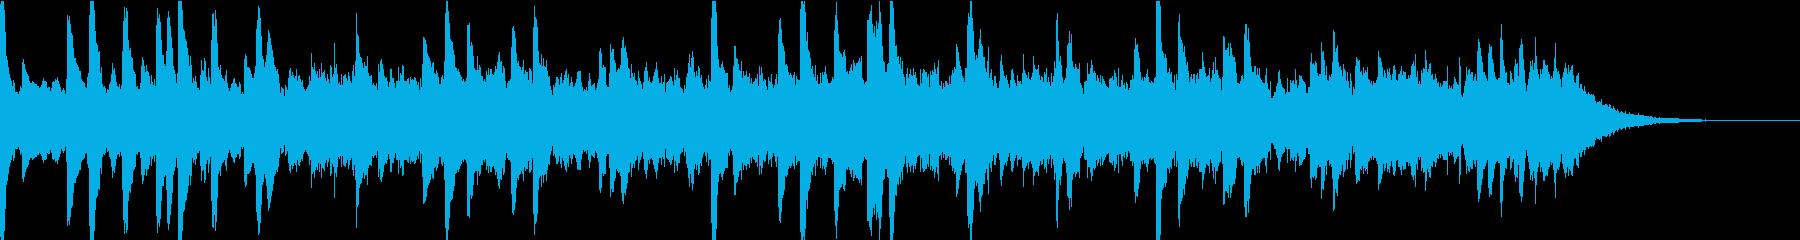 雨の音とリラクゼーションピアノの再生済みの波形